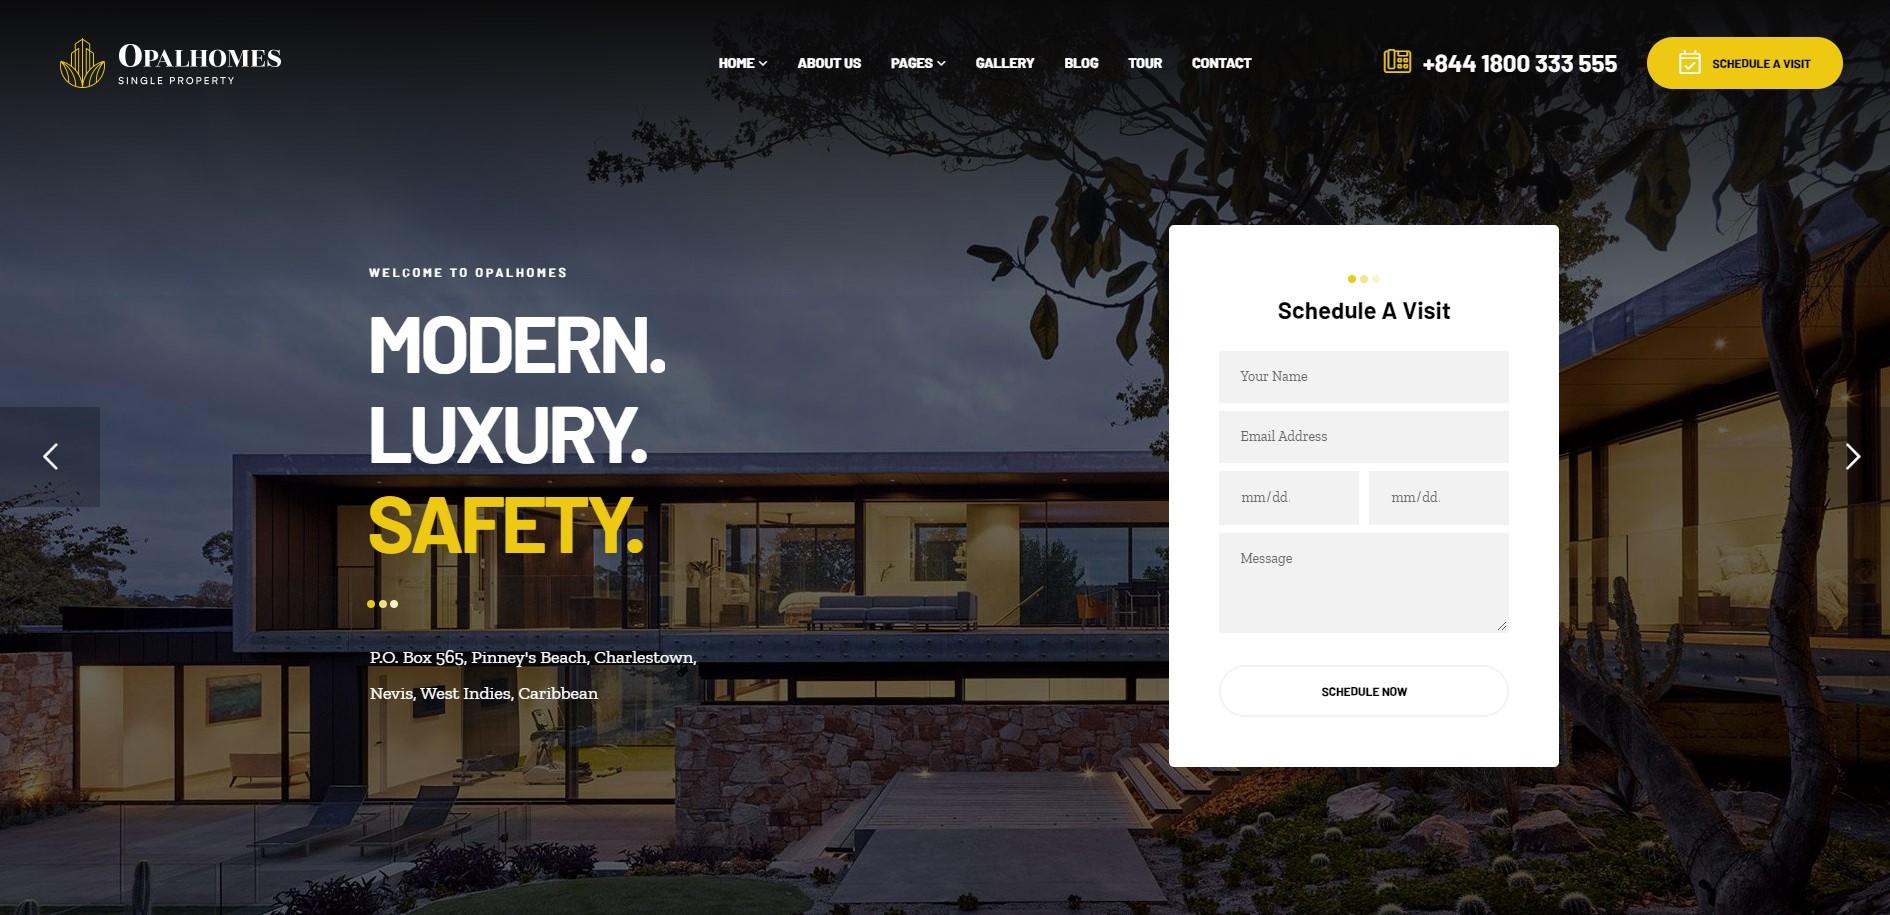 opal home real estate wordpress theme